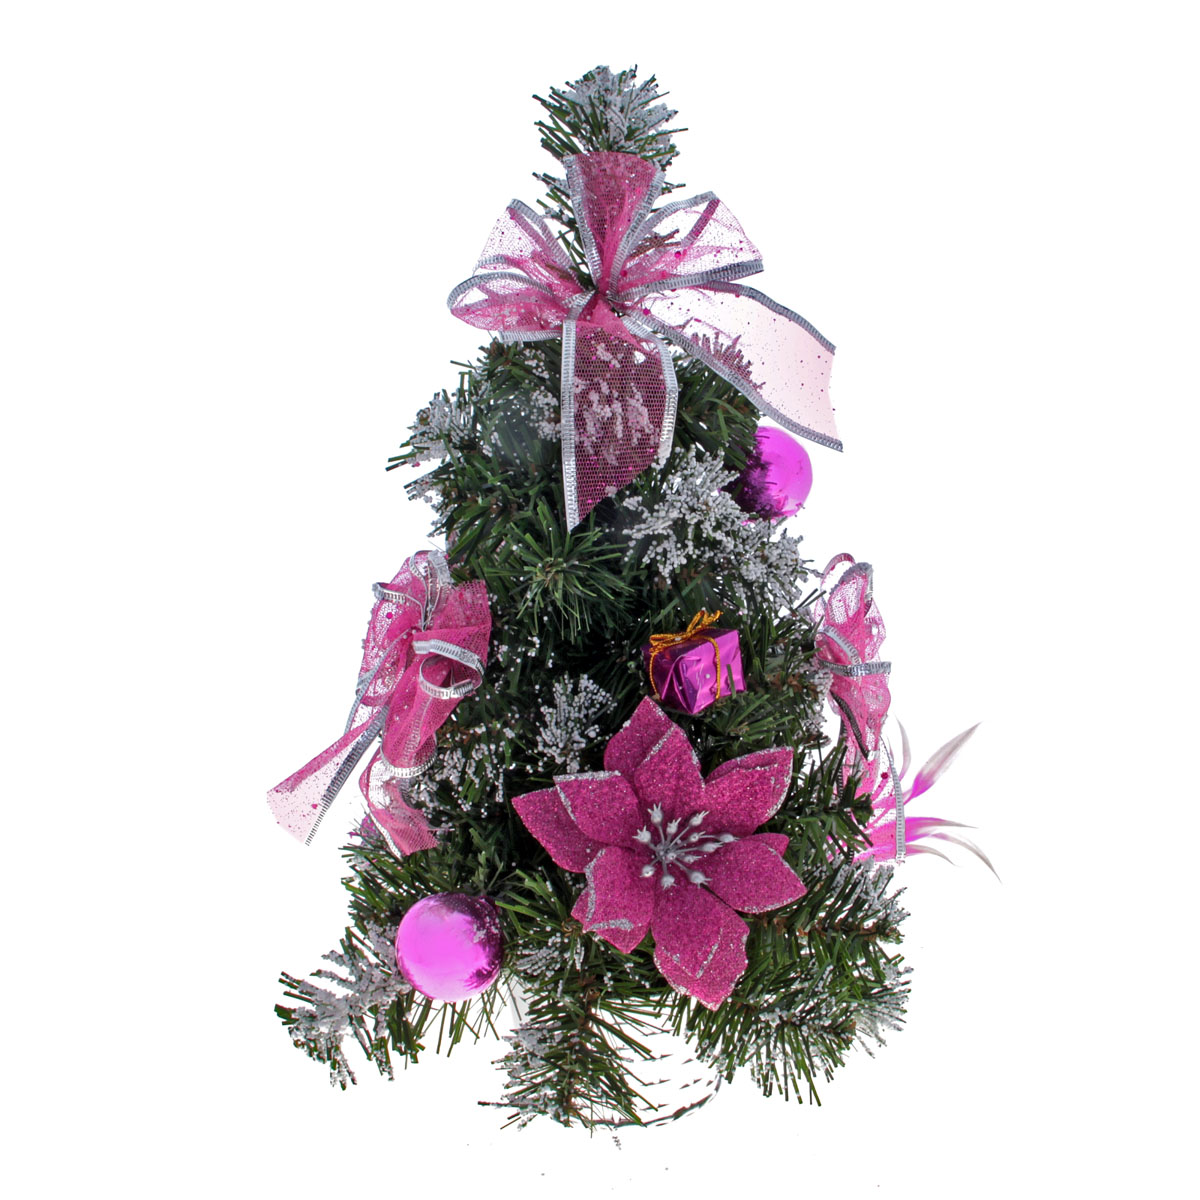 Декоративное украшение Sima-land Новогодняя елочка, цвет: зеленый, розовый, высота 33 см. 819258819258Декоративное украшение Sima-land, выполненное из пластика - мини-елочкадля оформления интерьера к Новому году. Ее не нужно ни собирать, ни наряжать, зато настроение праздника она создает очень быстро.Елка украшена бантами, текстильными цветами пуансетии, подарками, шарами, пластиковыми яблоками и грушами и искусственным снегом. Елка украсит интерьер вашего дома или офиса к Новому году и создаст теплую и уютную атмосферу праздника.Откройте для себя удивительный мир сказок и грез. Почувствуйте волшебные минуты ожидания праздника, создайте новогоднее настроение вашим дорогим и близким.